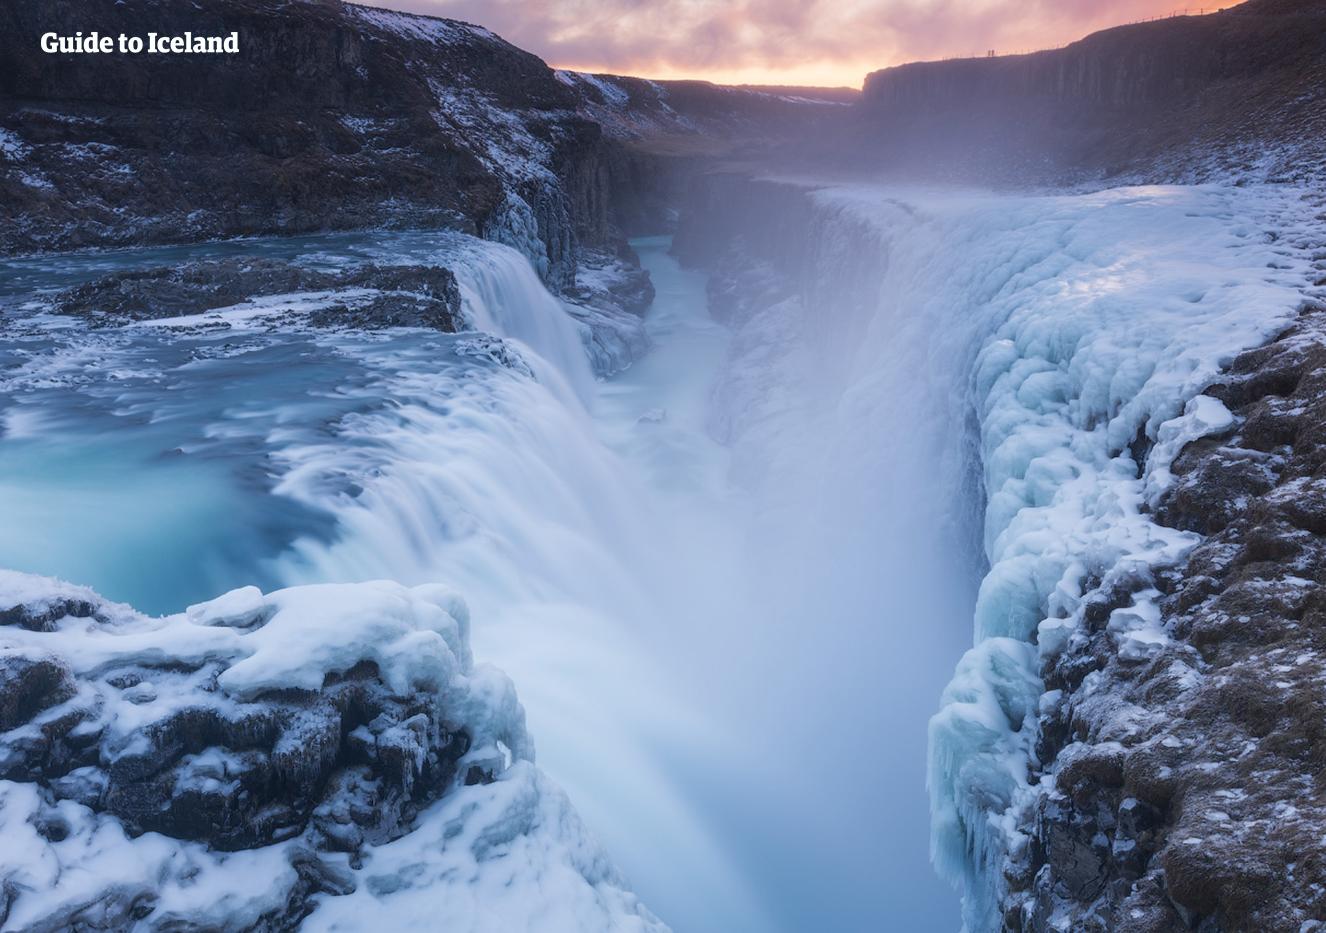 Ascoltare i rumori tonanti di Gullfoss, mentre l'acqua scende in una cascata di 32 metri in un canyon è un'esperienza che non dimenticherai.